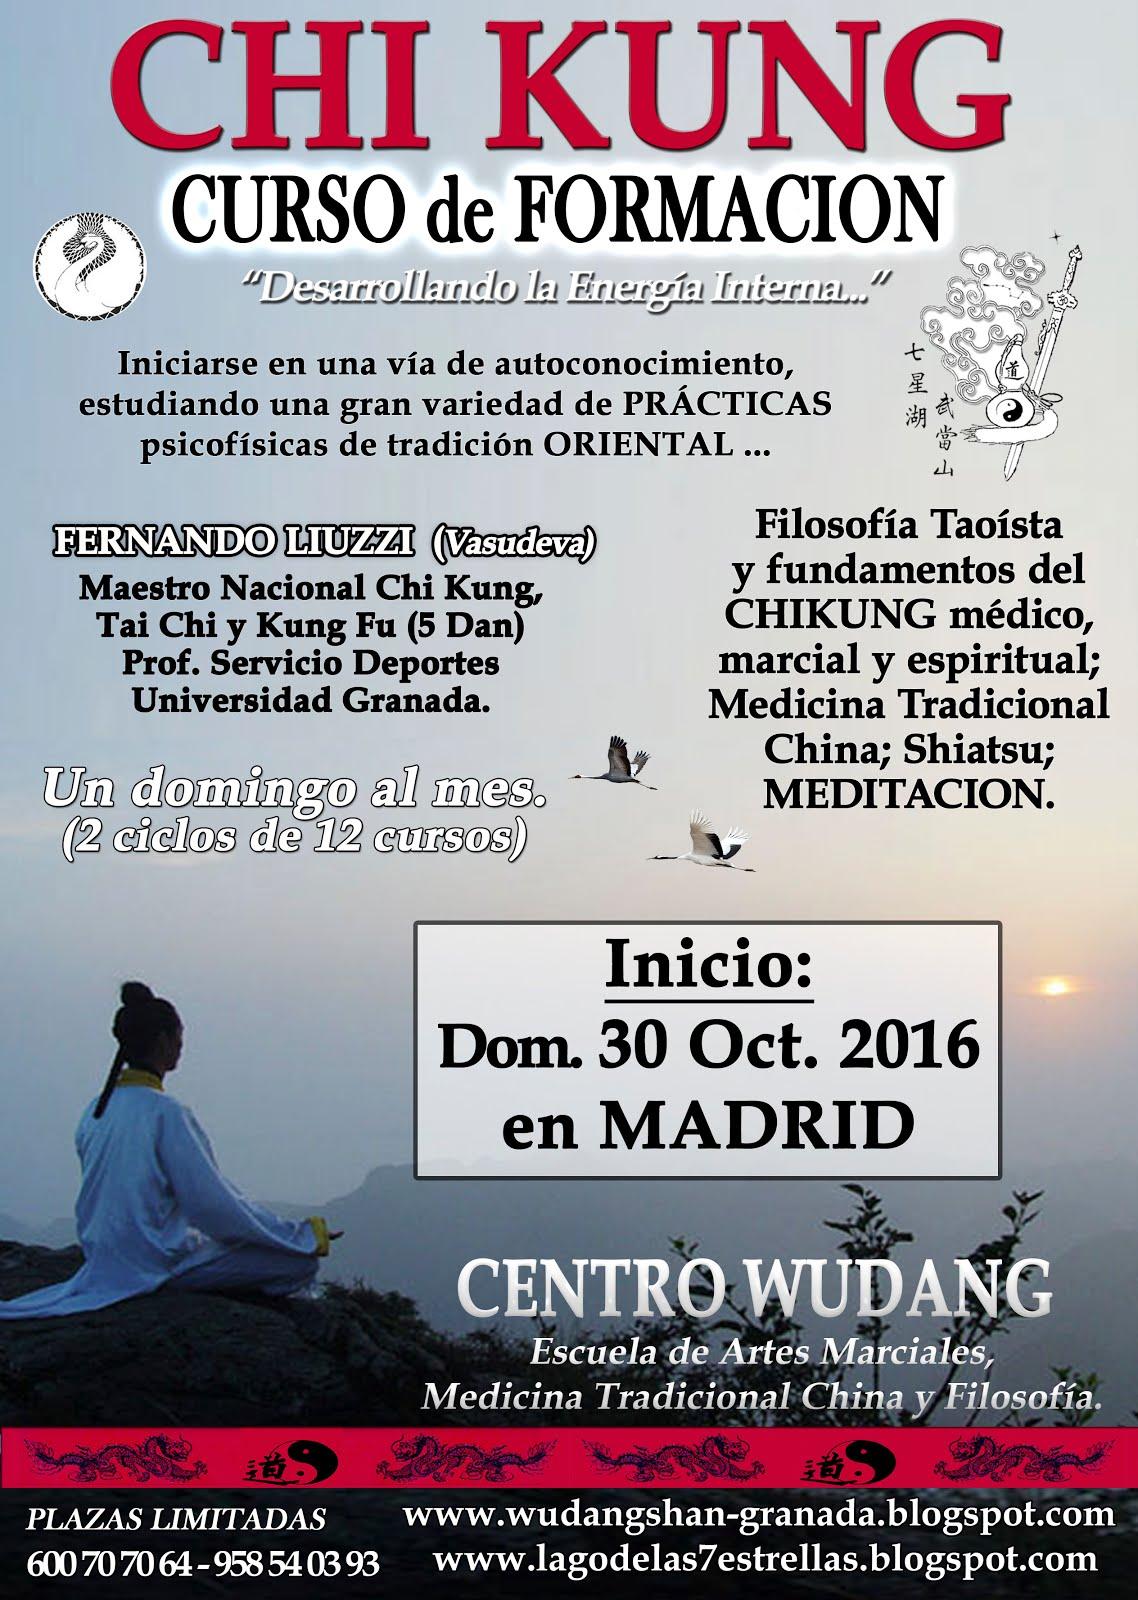 Cursos en Madrid